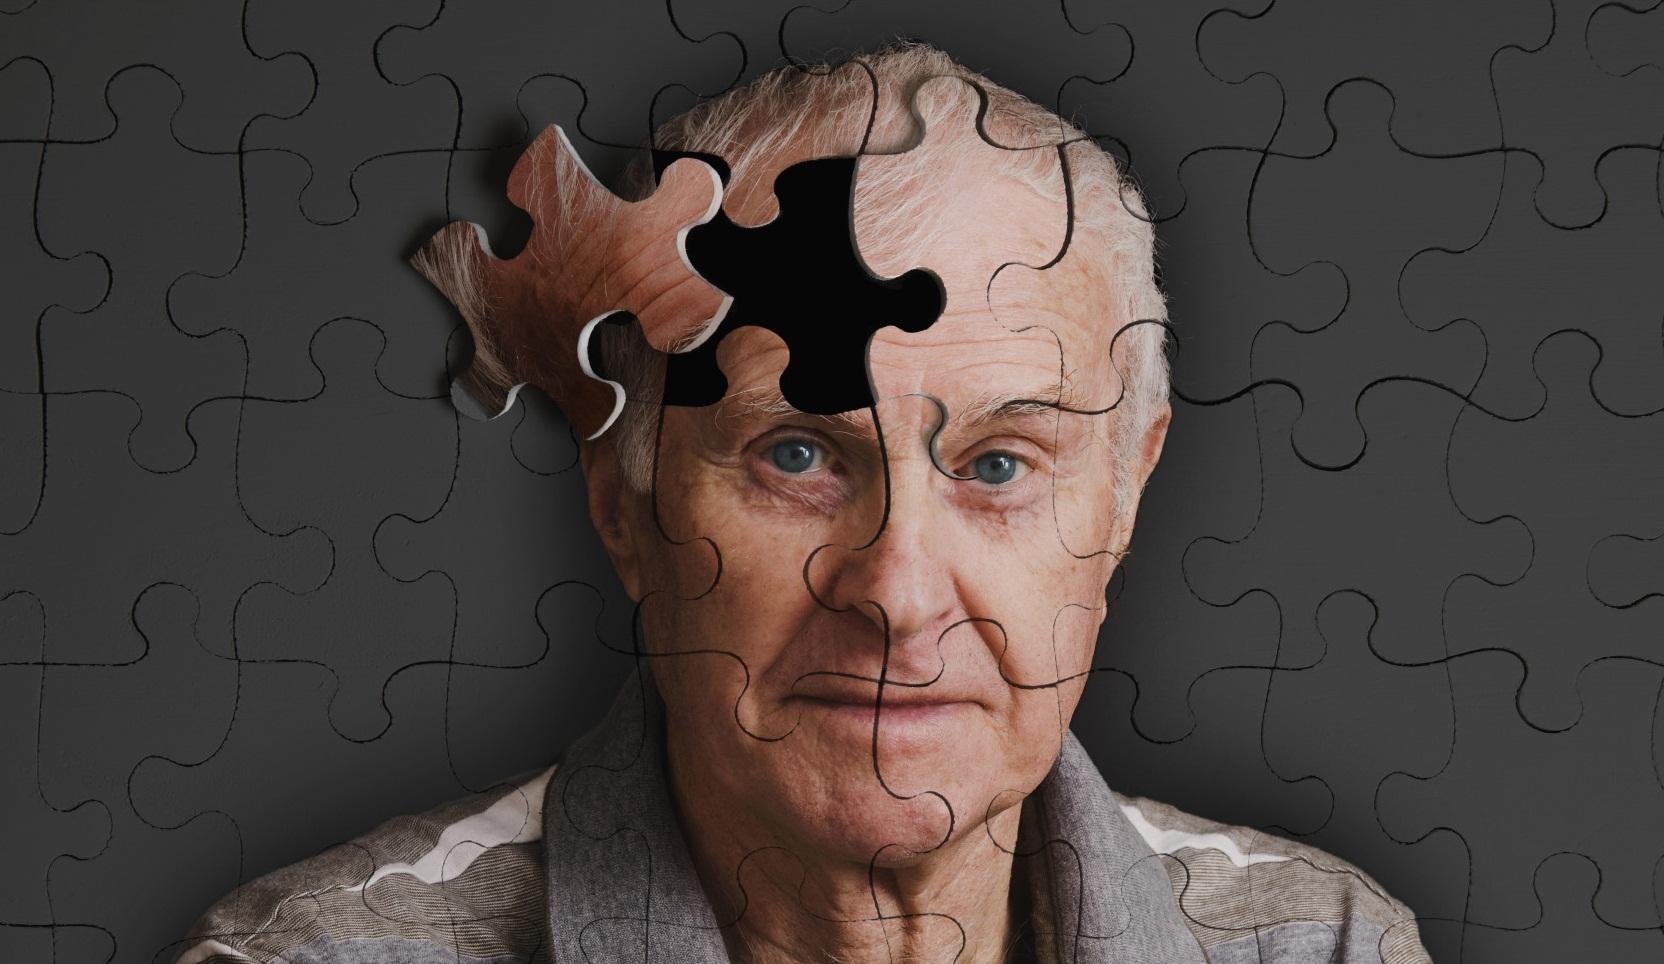 Повреждения системы моторного контроля, деменция с тельцами Леви